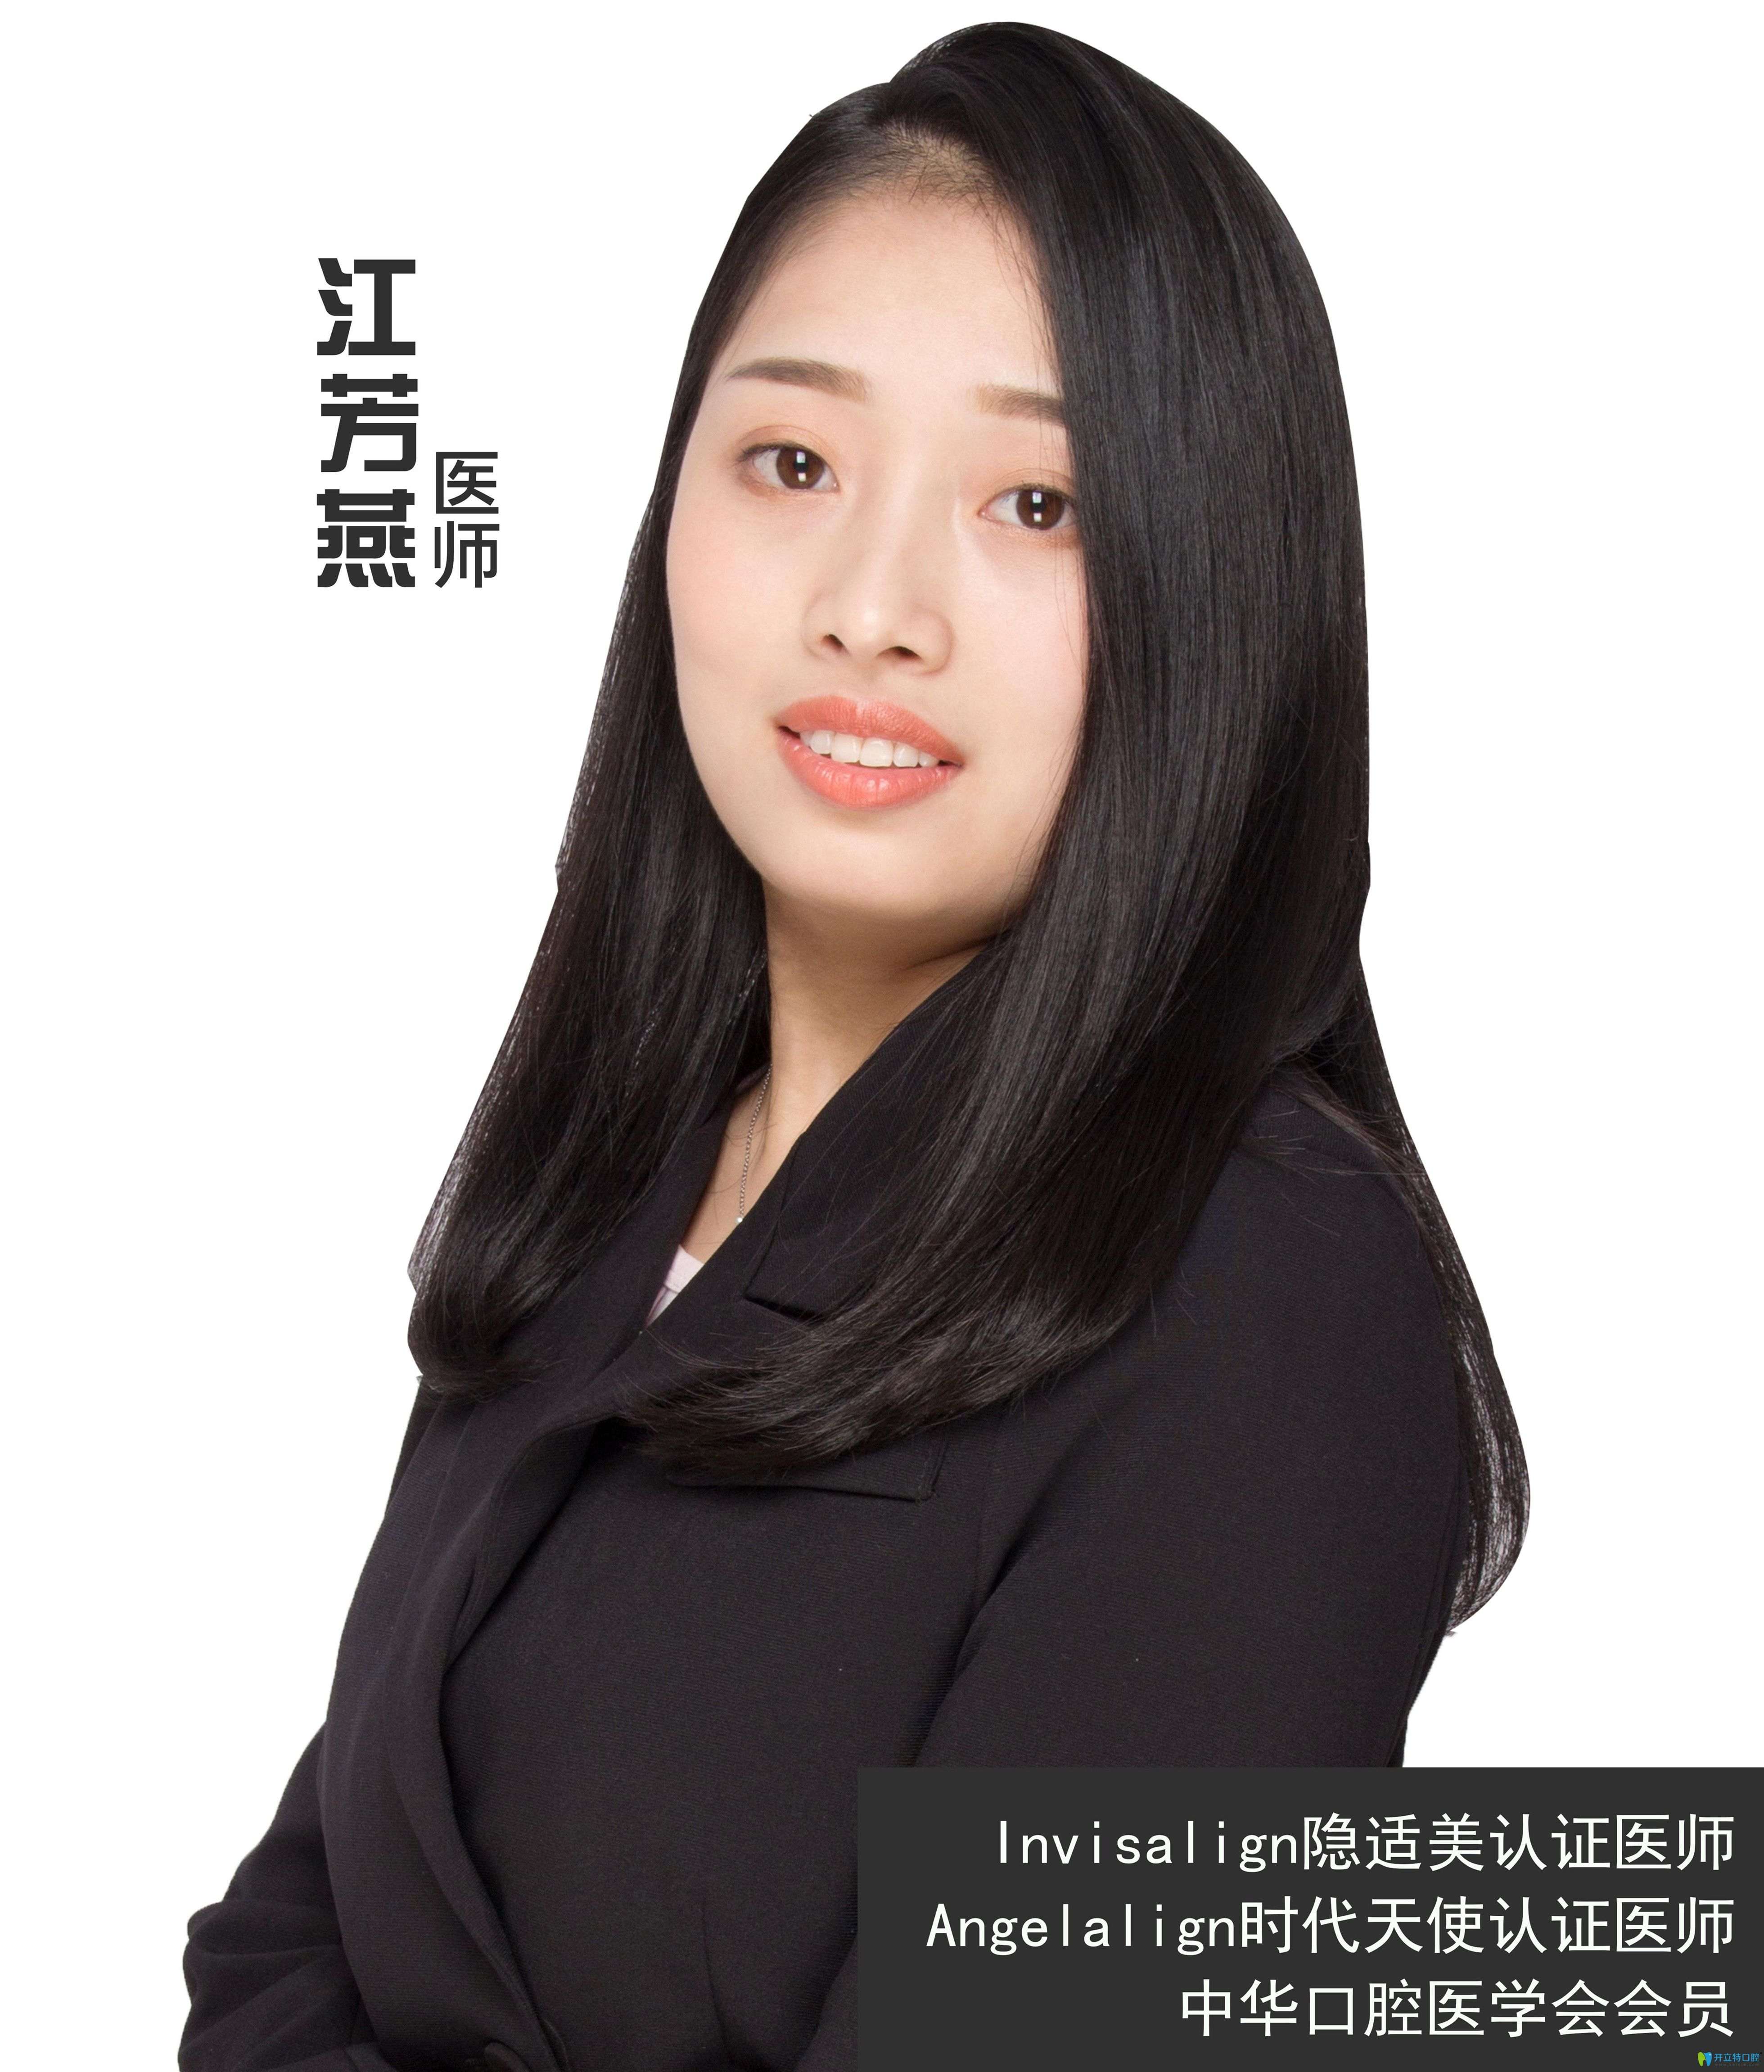 义乌傅氏口腔门诊部江芳燕